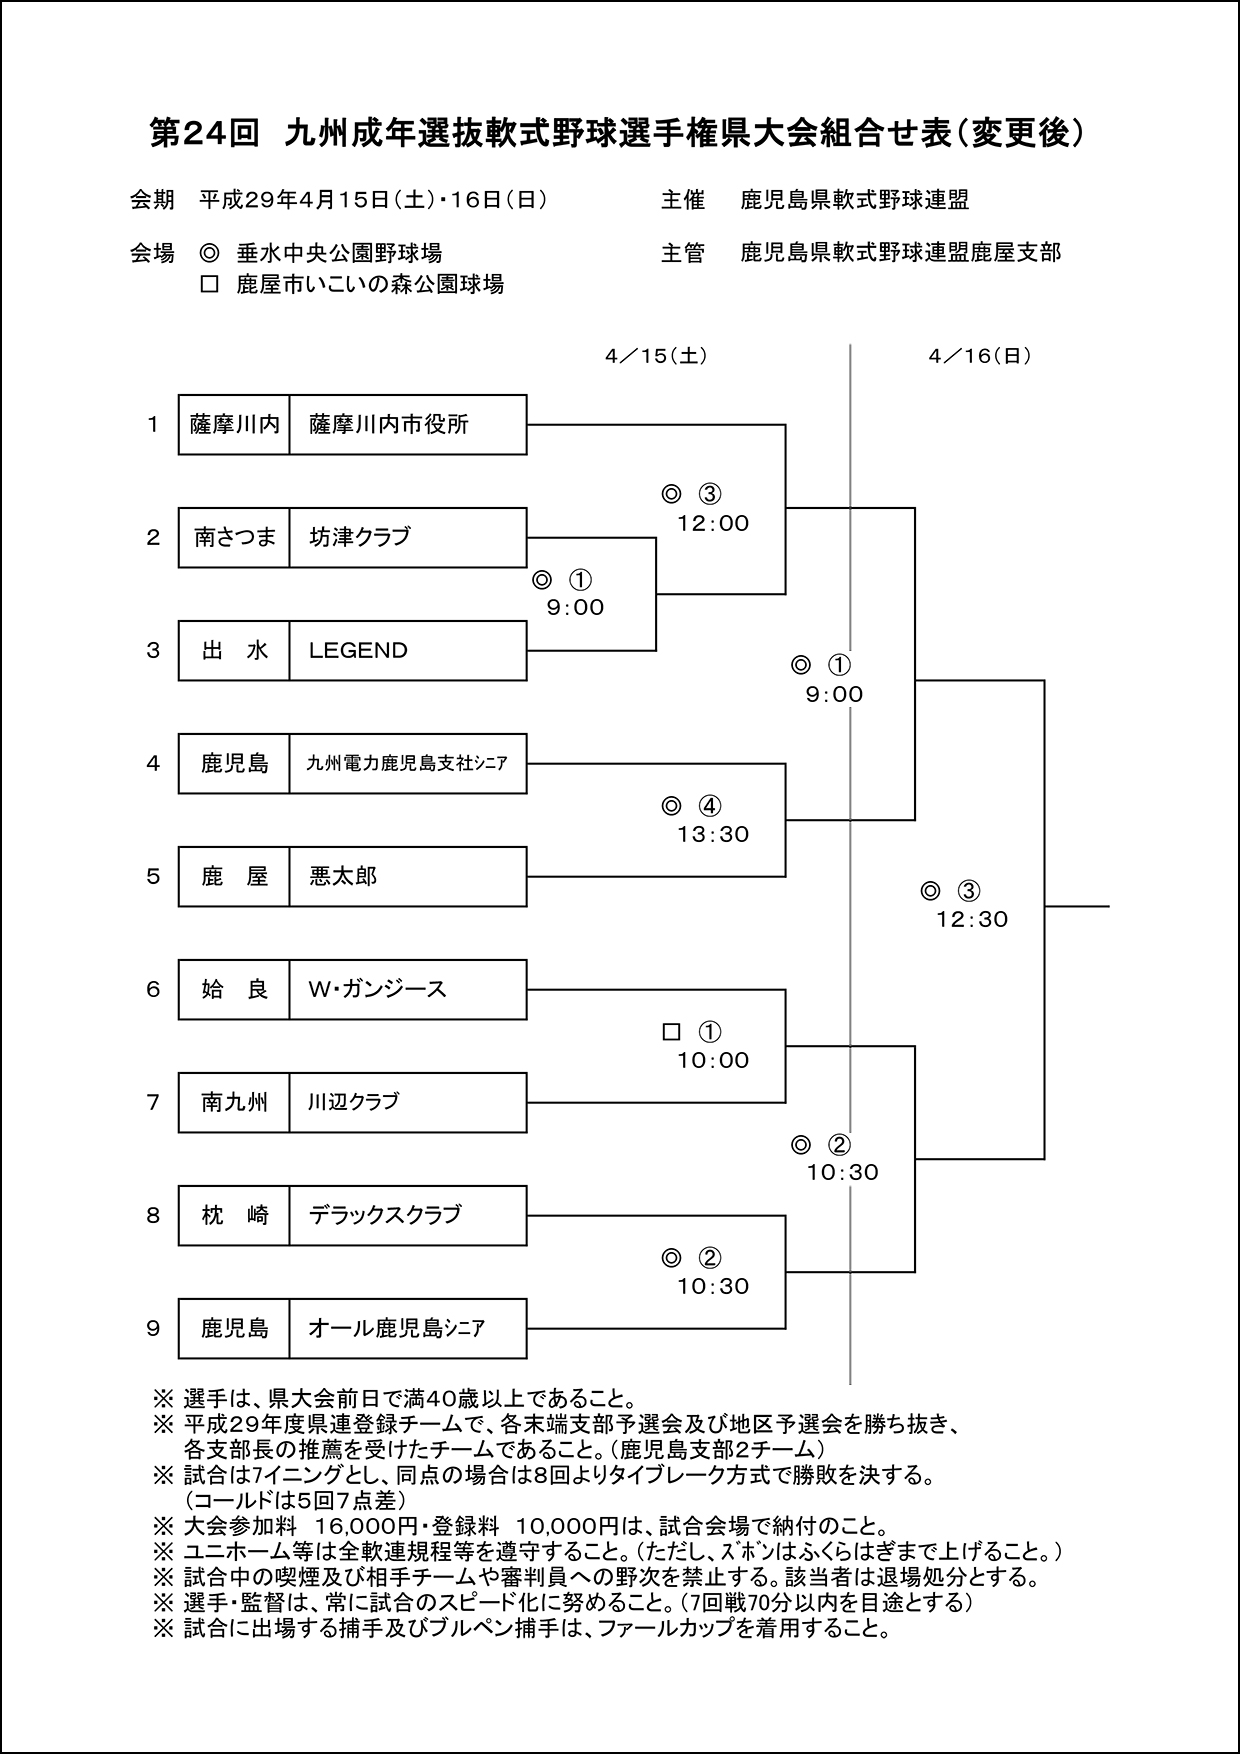 【会場変更】第24回九州成年選抜軟式野球選手権県大会組合せ表(変更後)